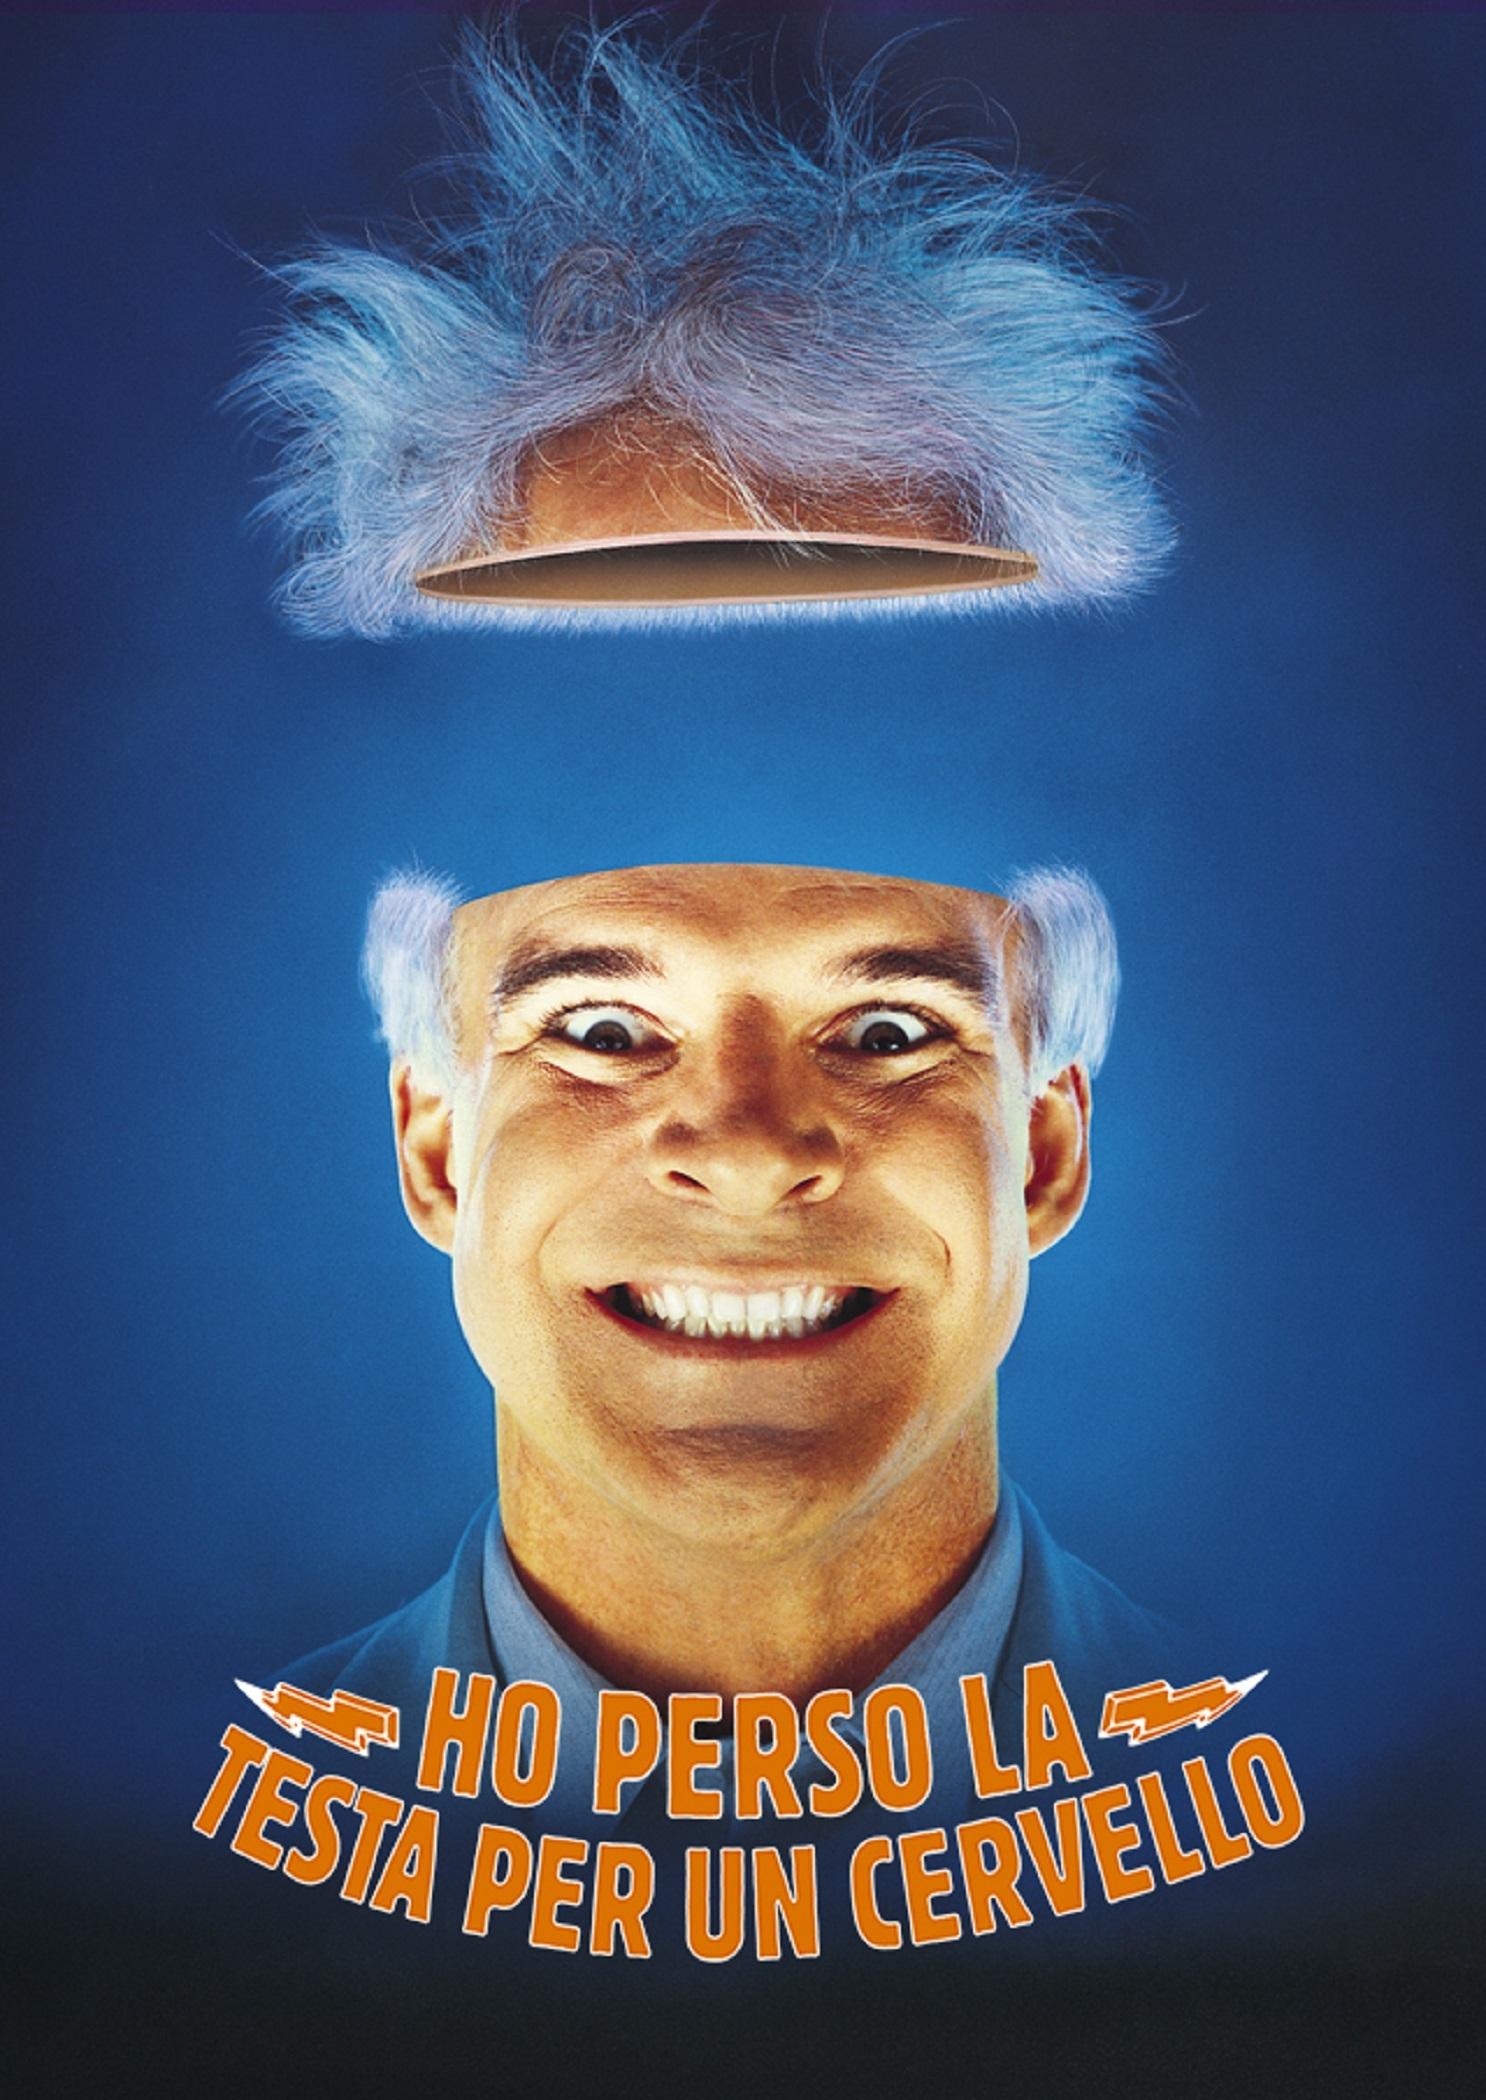 Ho perso la testa per un cervello